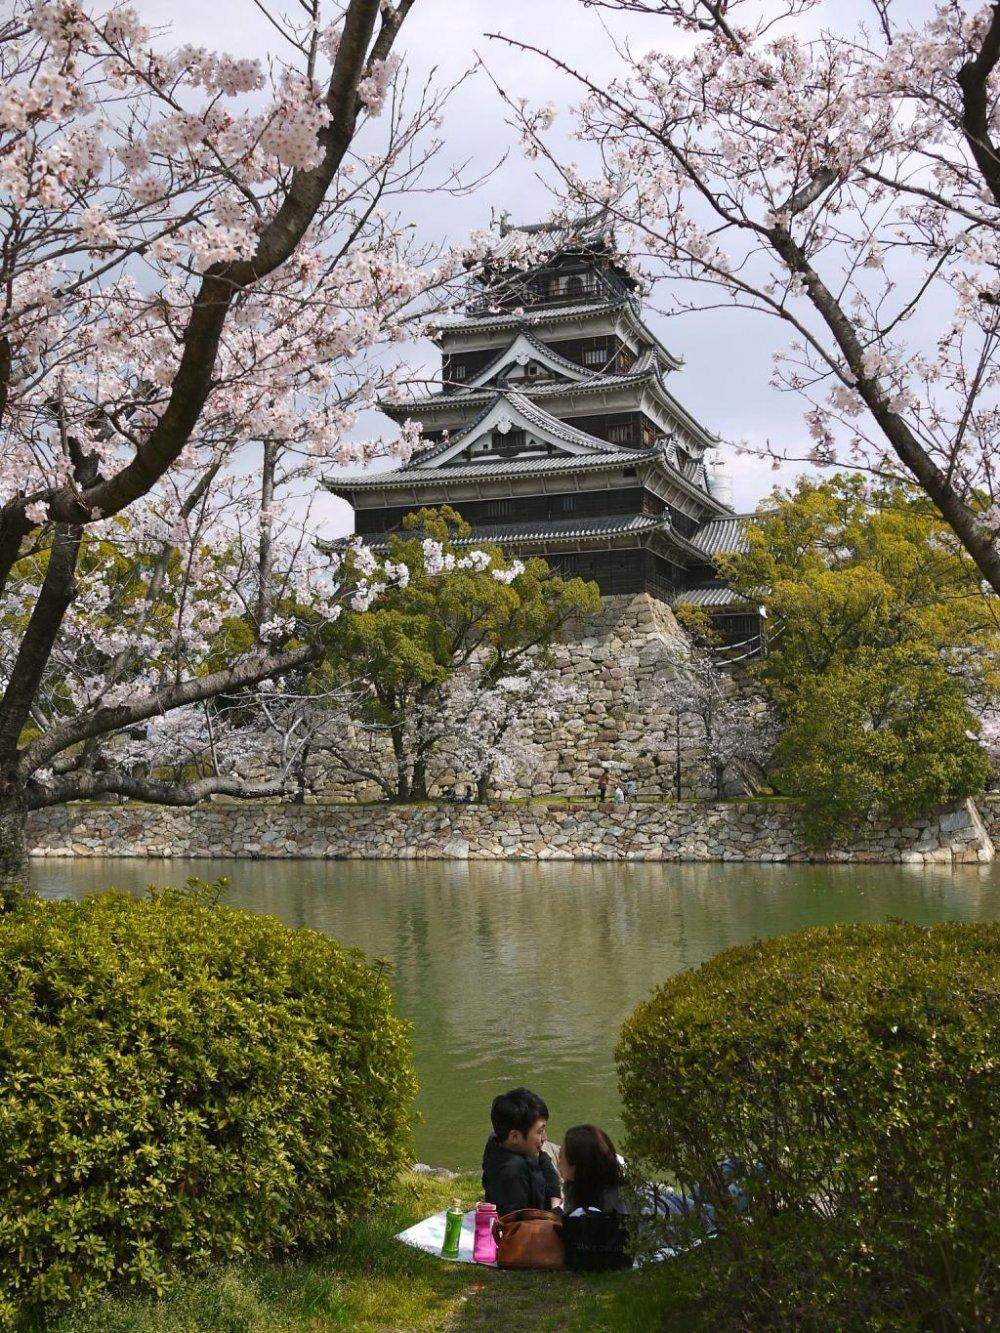 Des groupes de visiteurs pique-niquent sous la canopée des fleurs roses face au château